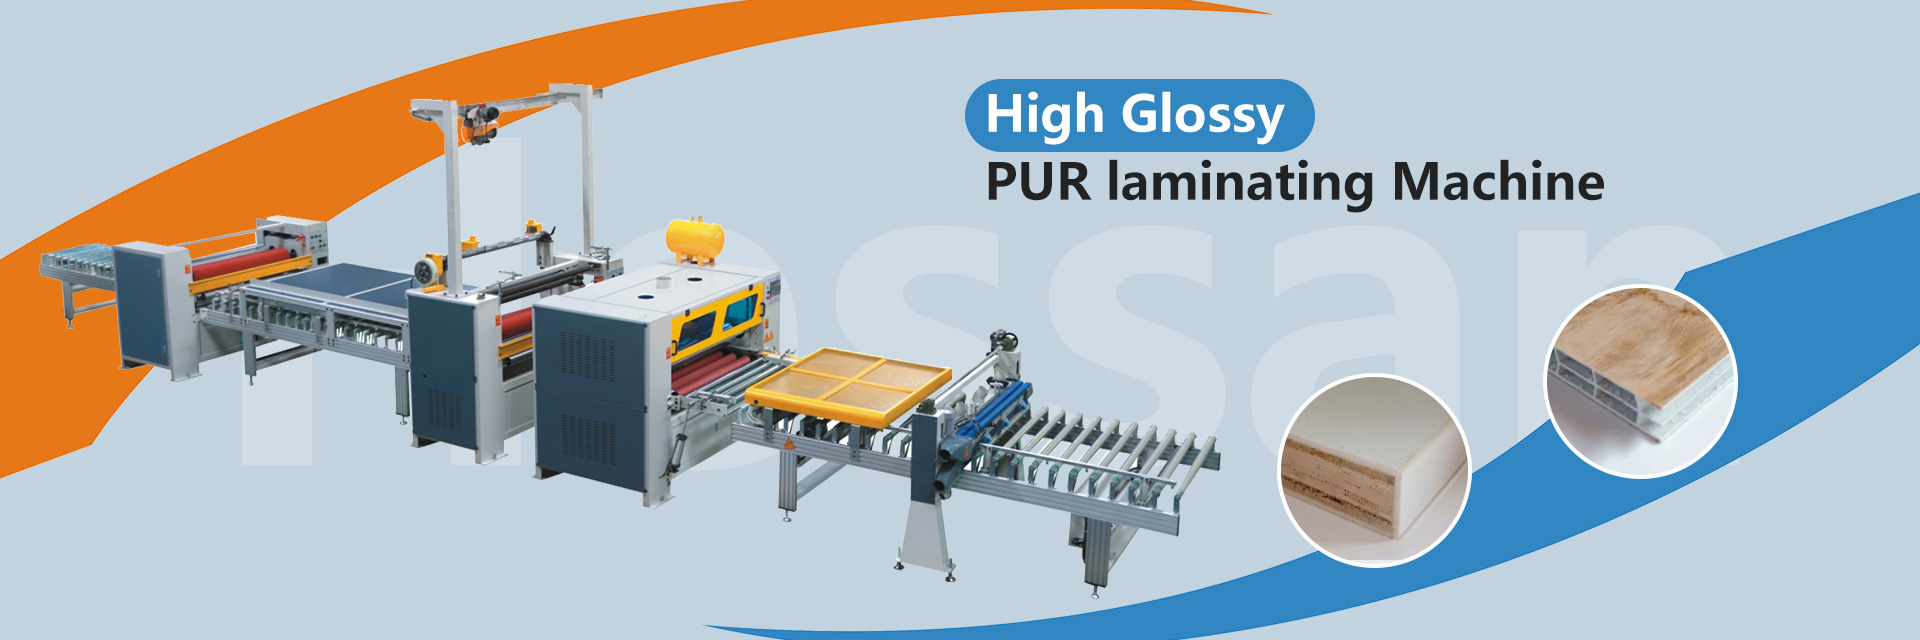 नई गर्म बिक्री पुर लैमिनेटिंग मशीन